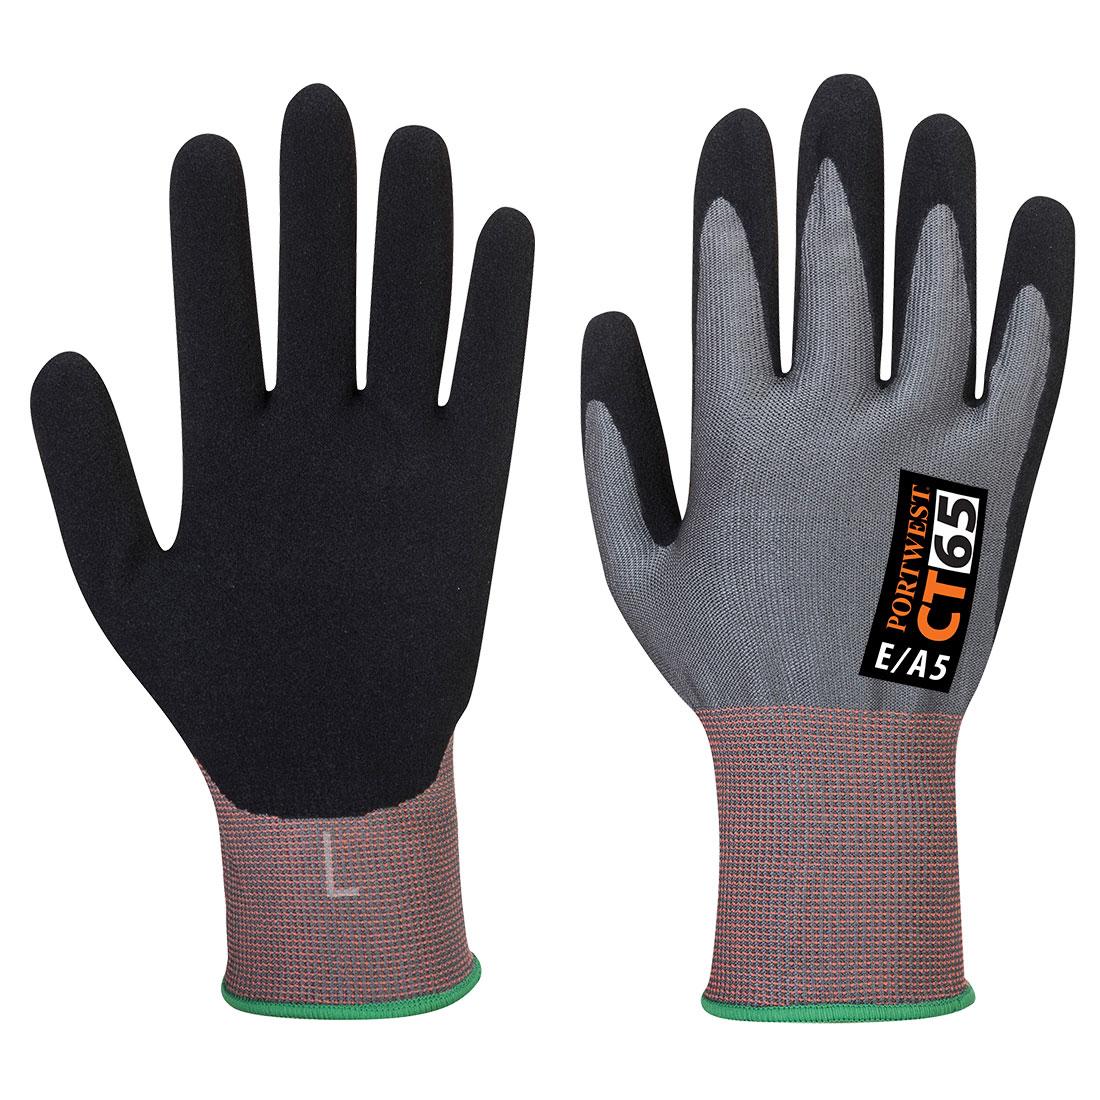 VHR Nitrile Foam Grey/Black XLR